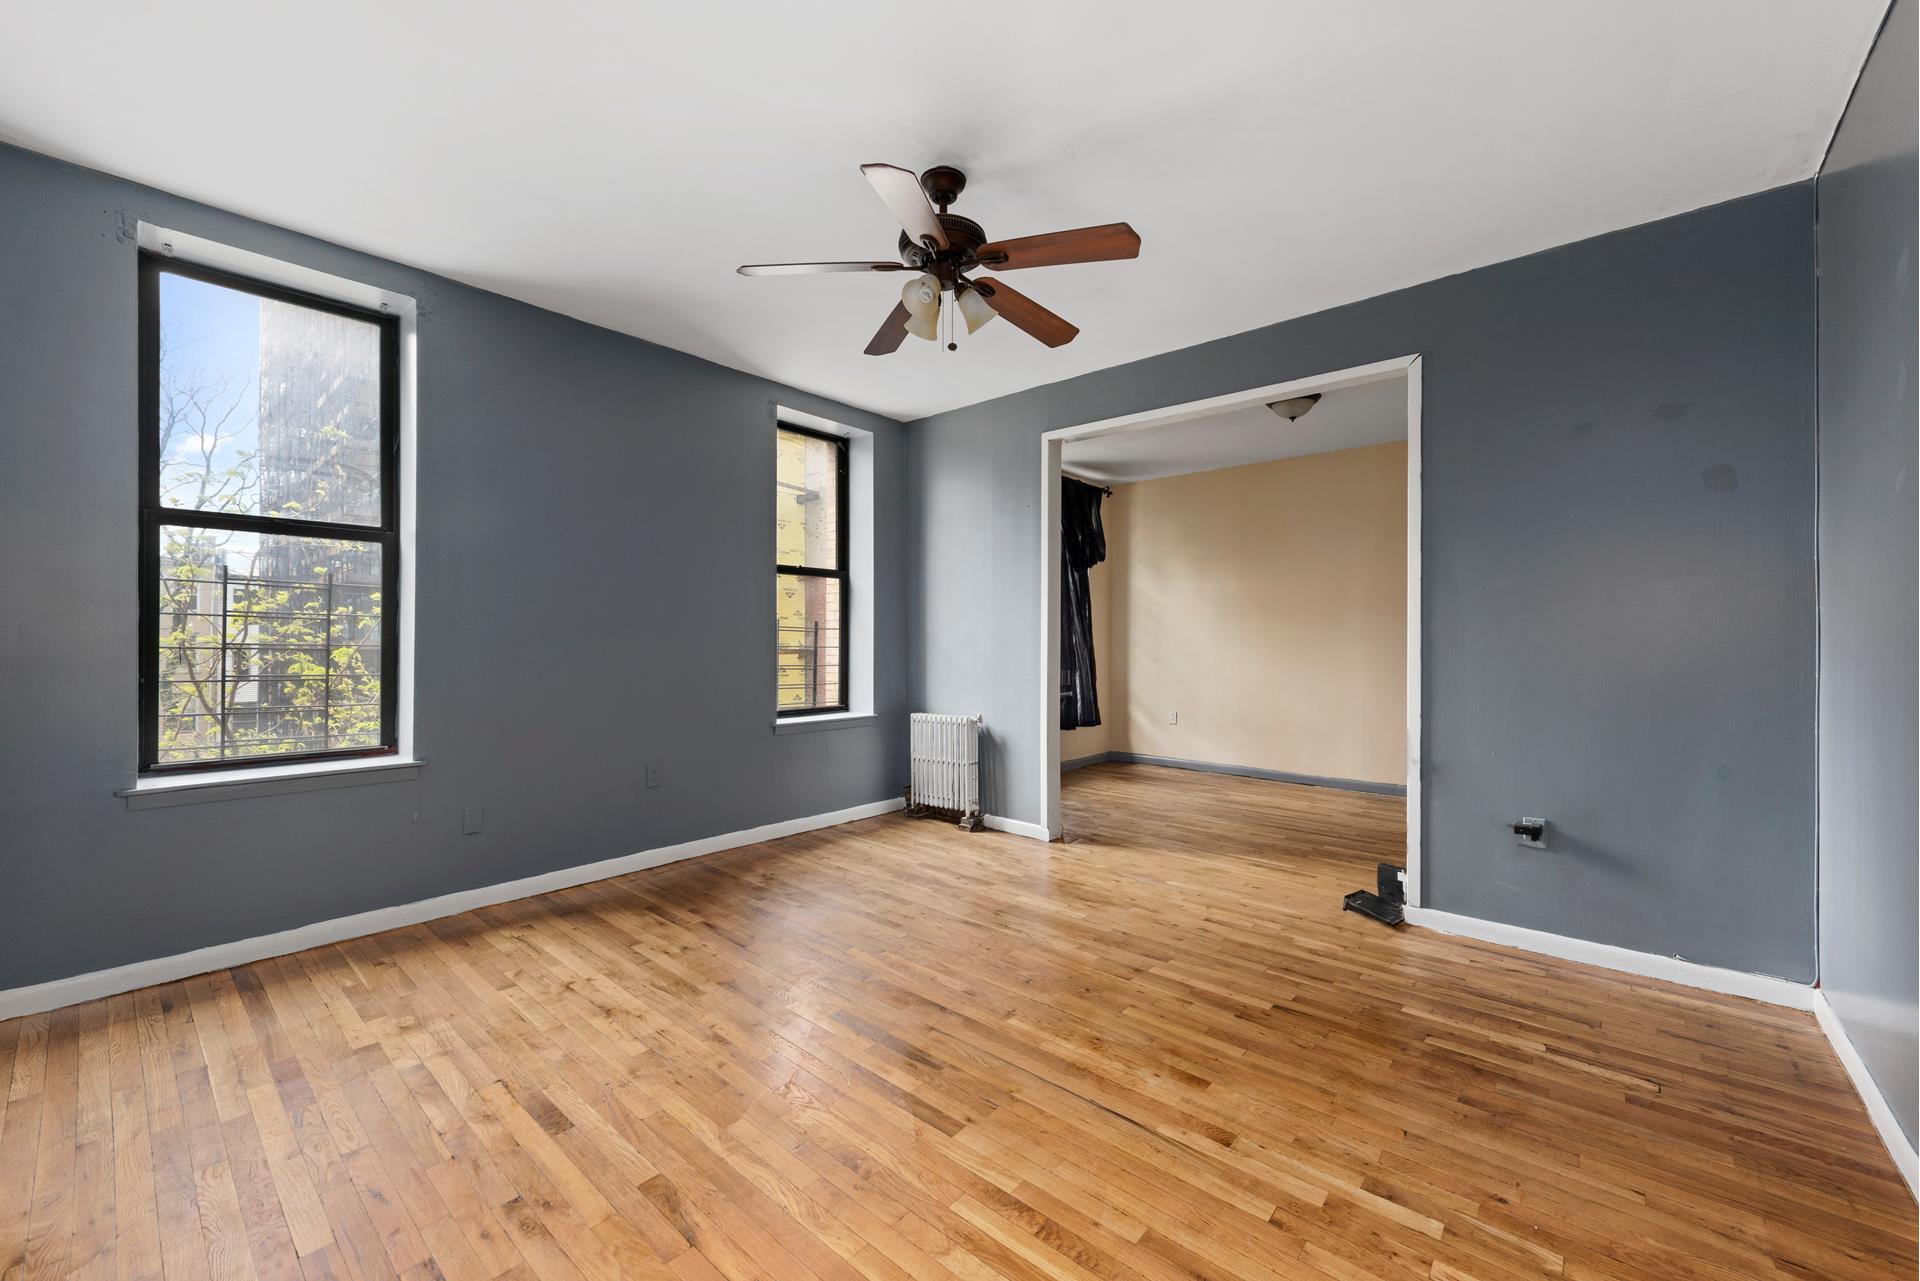 515 West 143rd Street Hamilton Heights New York NY 10031